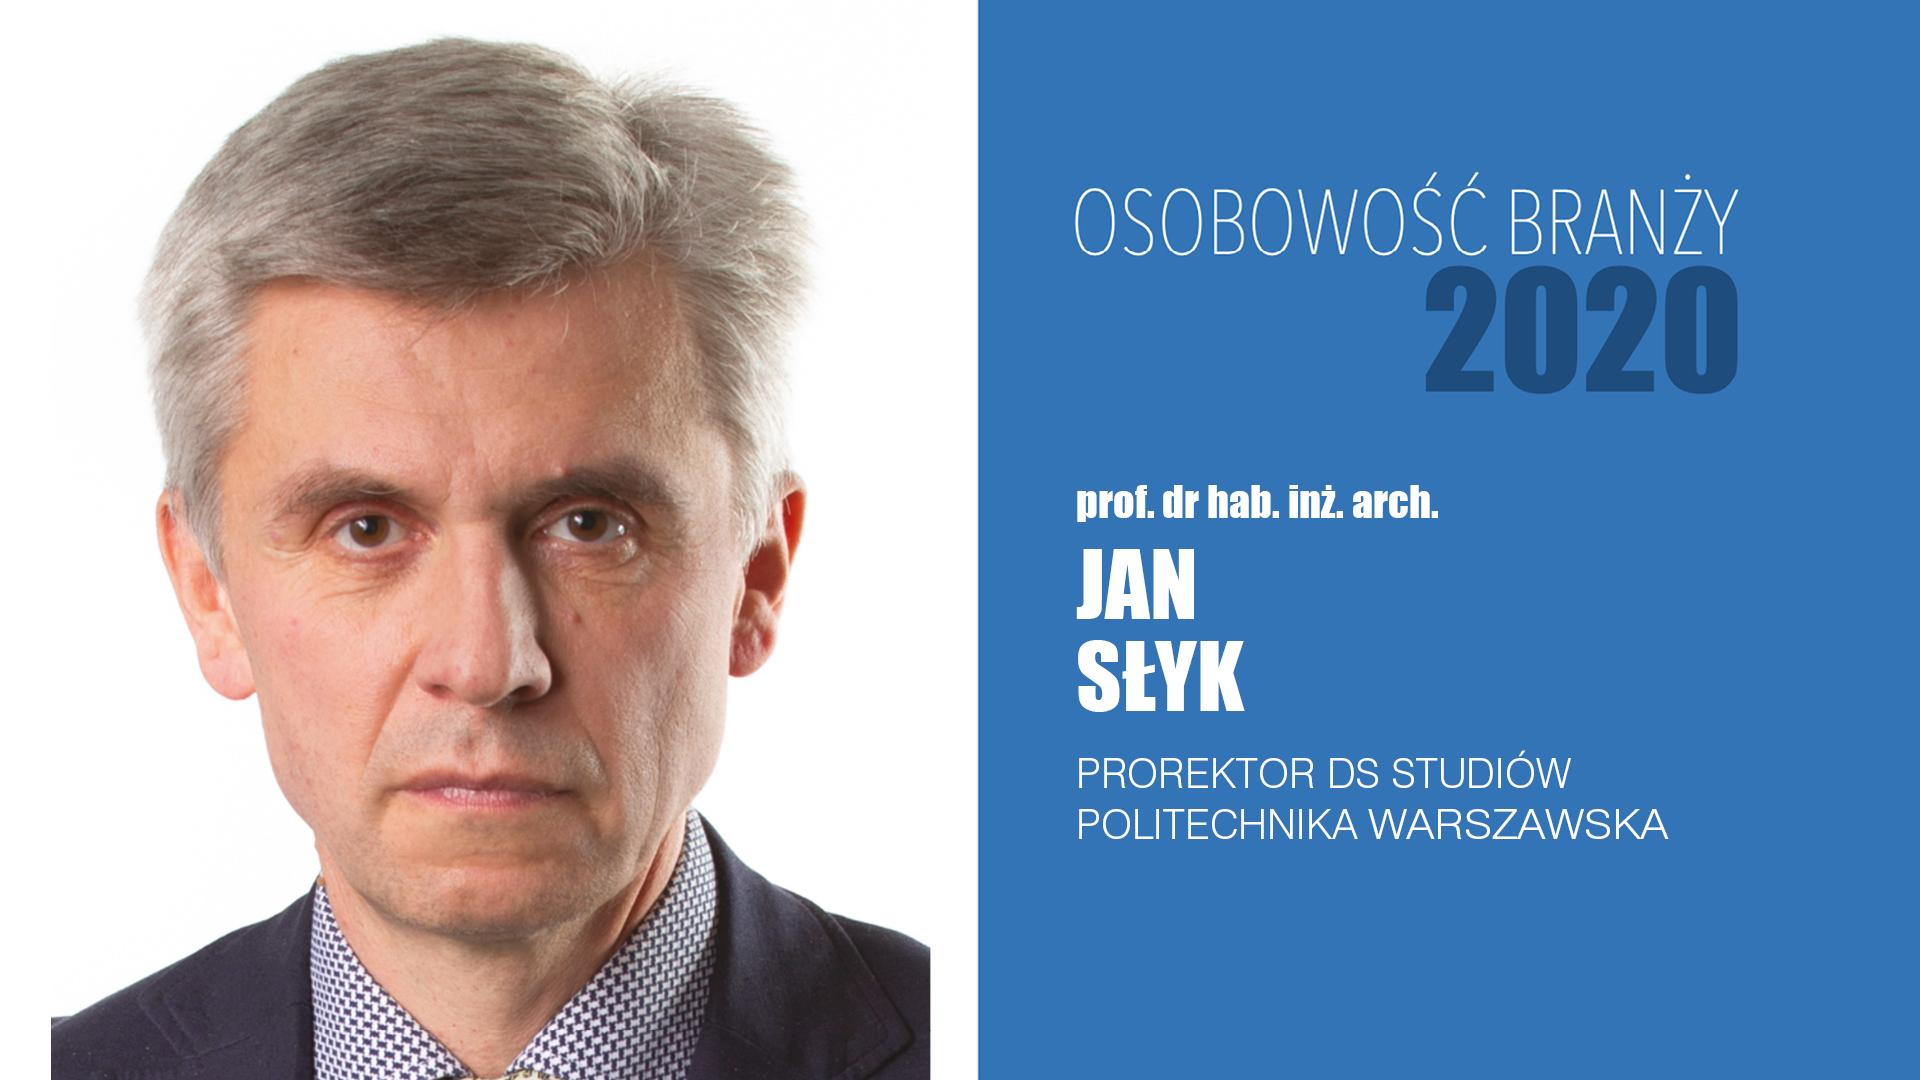 prof. dr hab. inż. arch. Jan Słyk – Osobowość Branży 2020